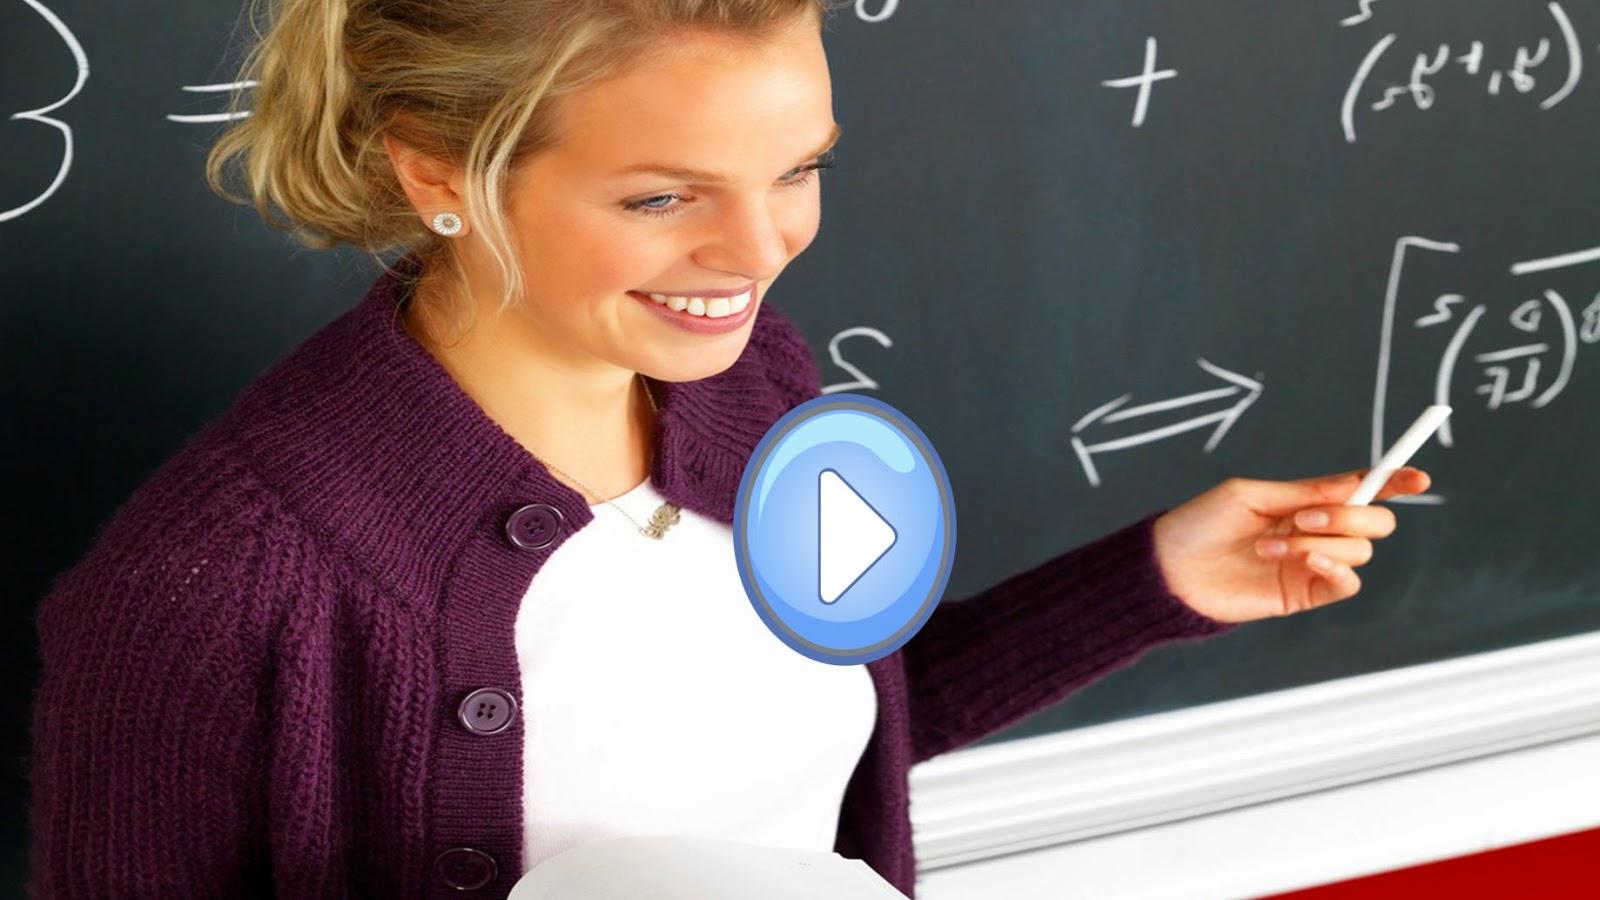 Idea 30 de 1000 ideas de tesis: ¿Cómo abordar un tema de Matemáticas en el salón de clases basada en la experiencia?